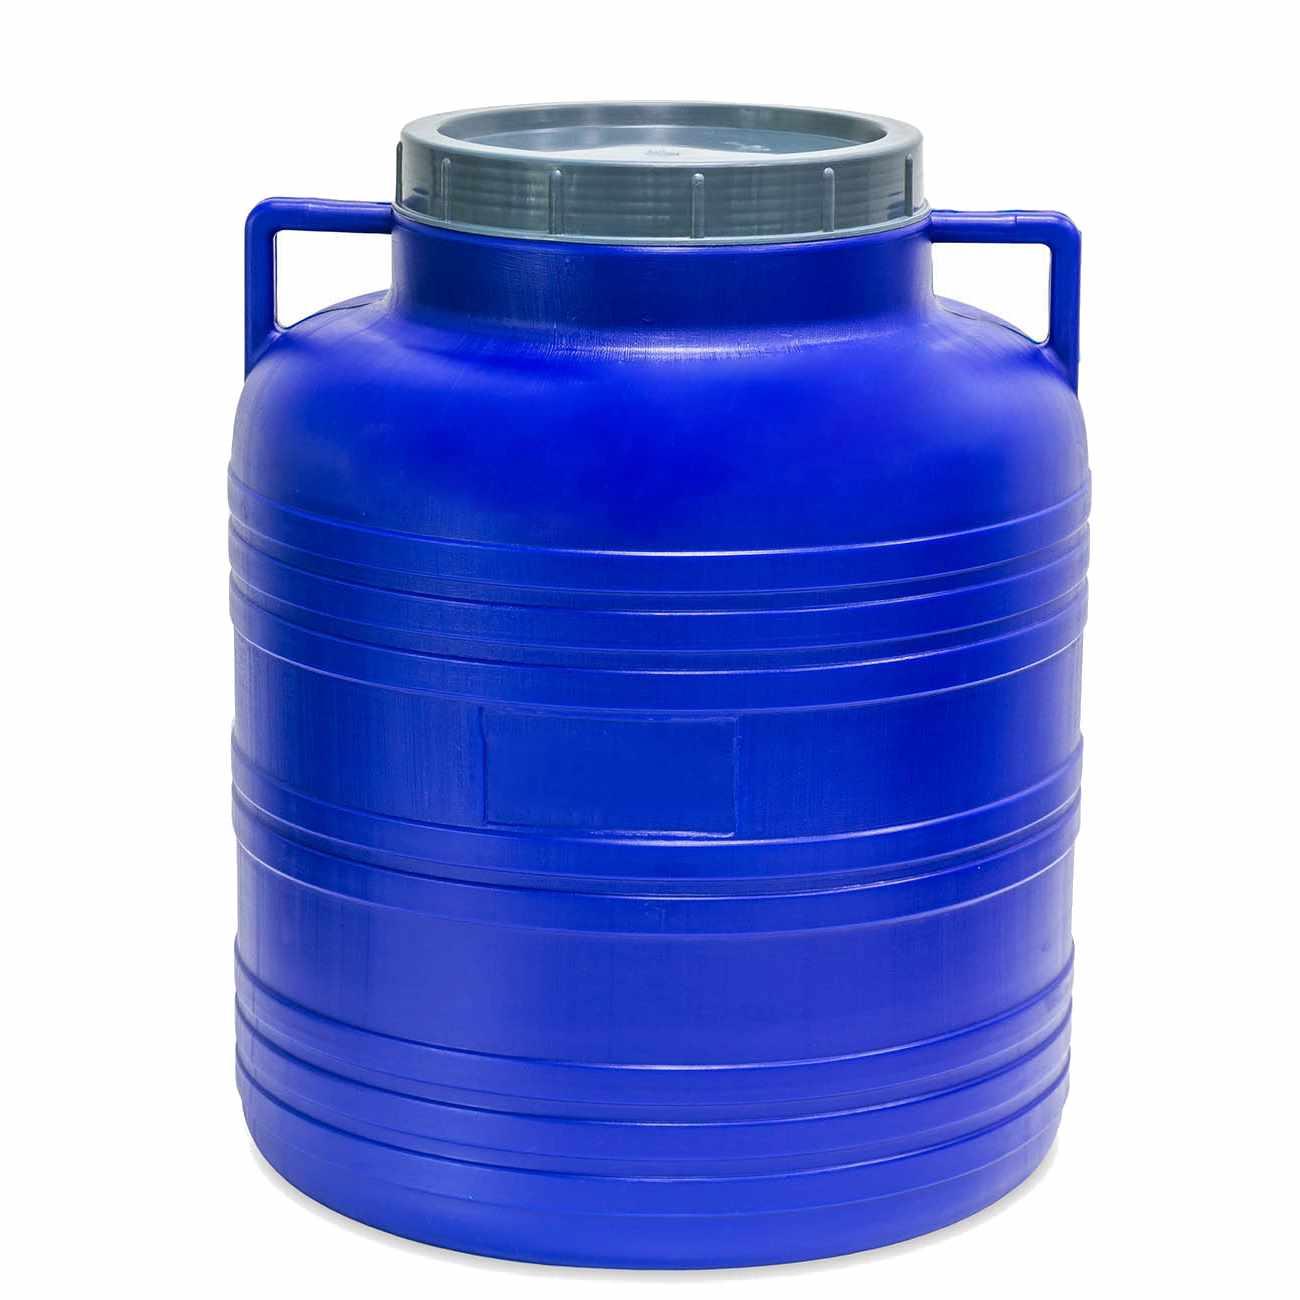 Barel 20L plastový kulatý široké hrdlo  STERK bílá/modrá